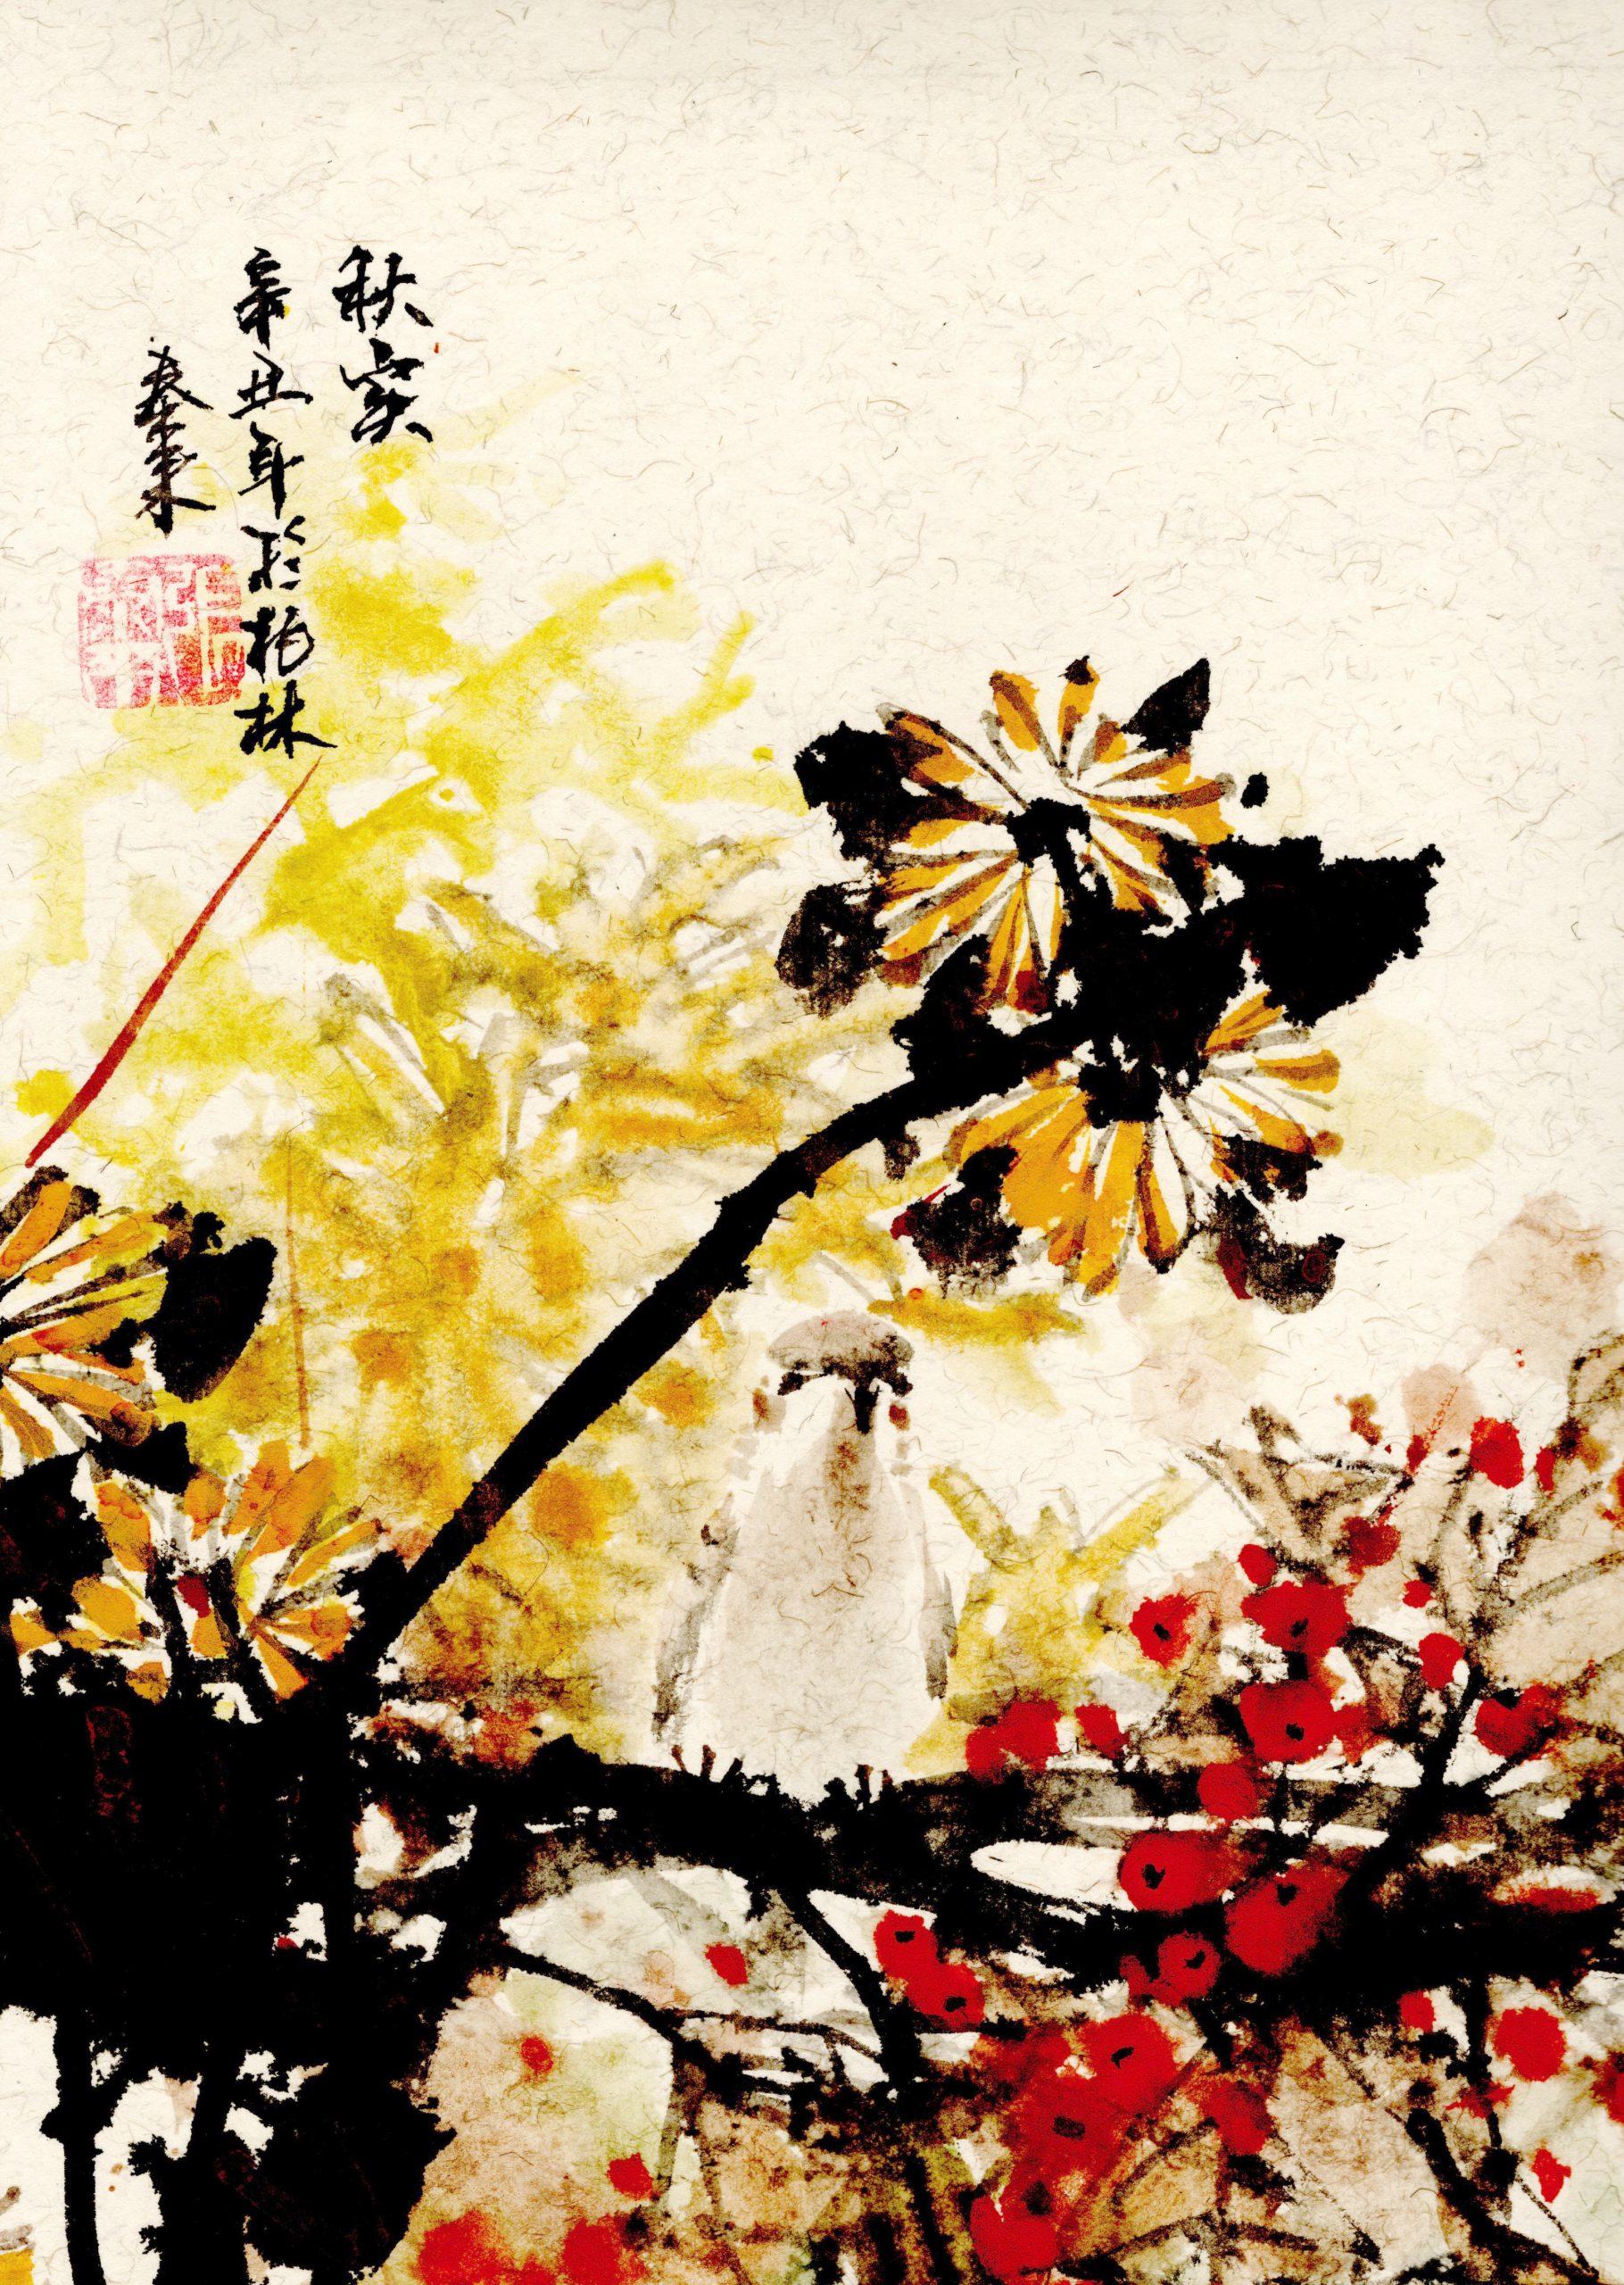 daisy bird Chrysantheme Vogel chinese japanese ink Sumi-e painting chinesische japanische Tusche Zeichnung Malerei